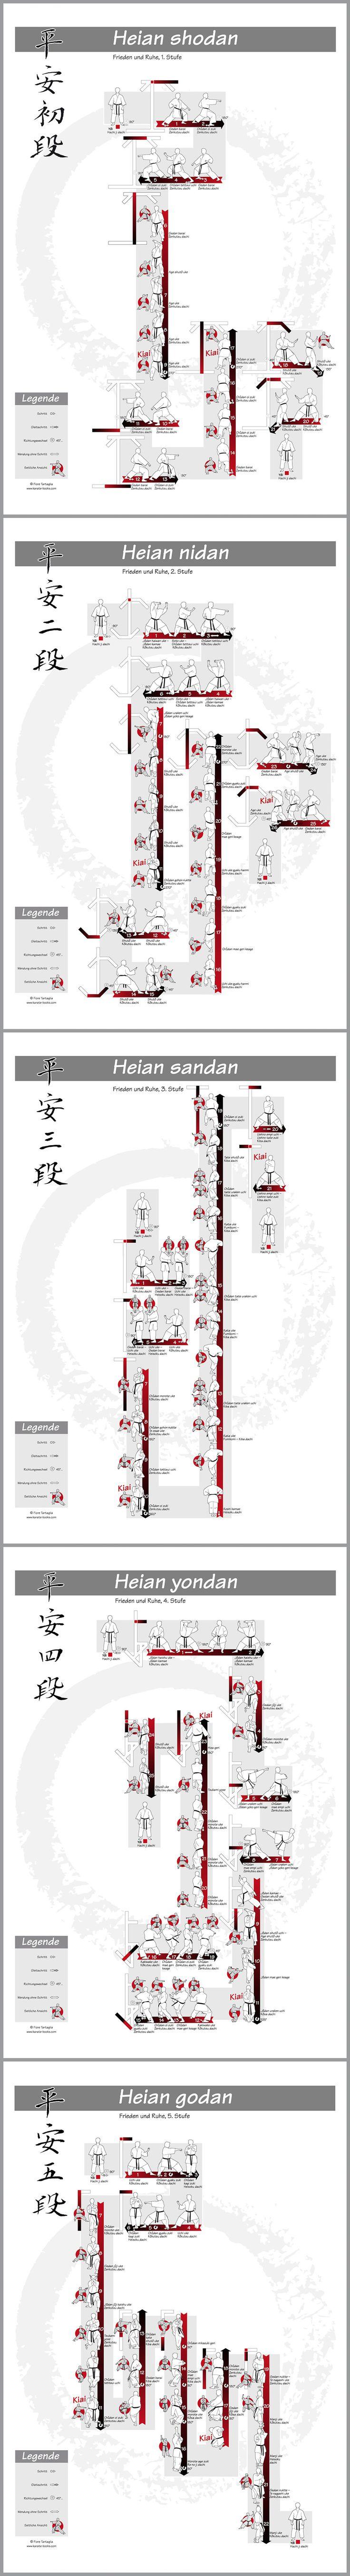 Poster Basis-Kata Shotokan: Heian shodan, Heian nidan, Heian sandan, Heian…